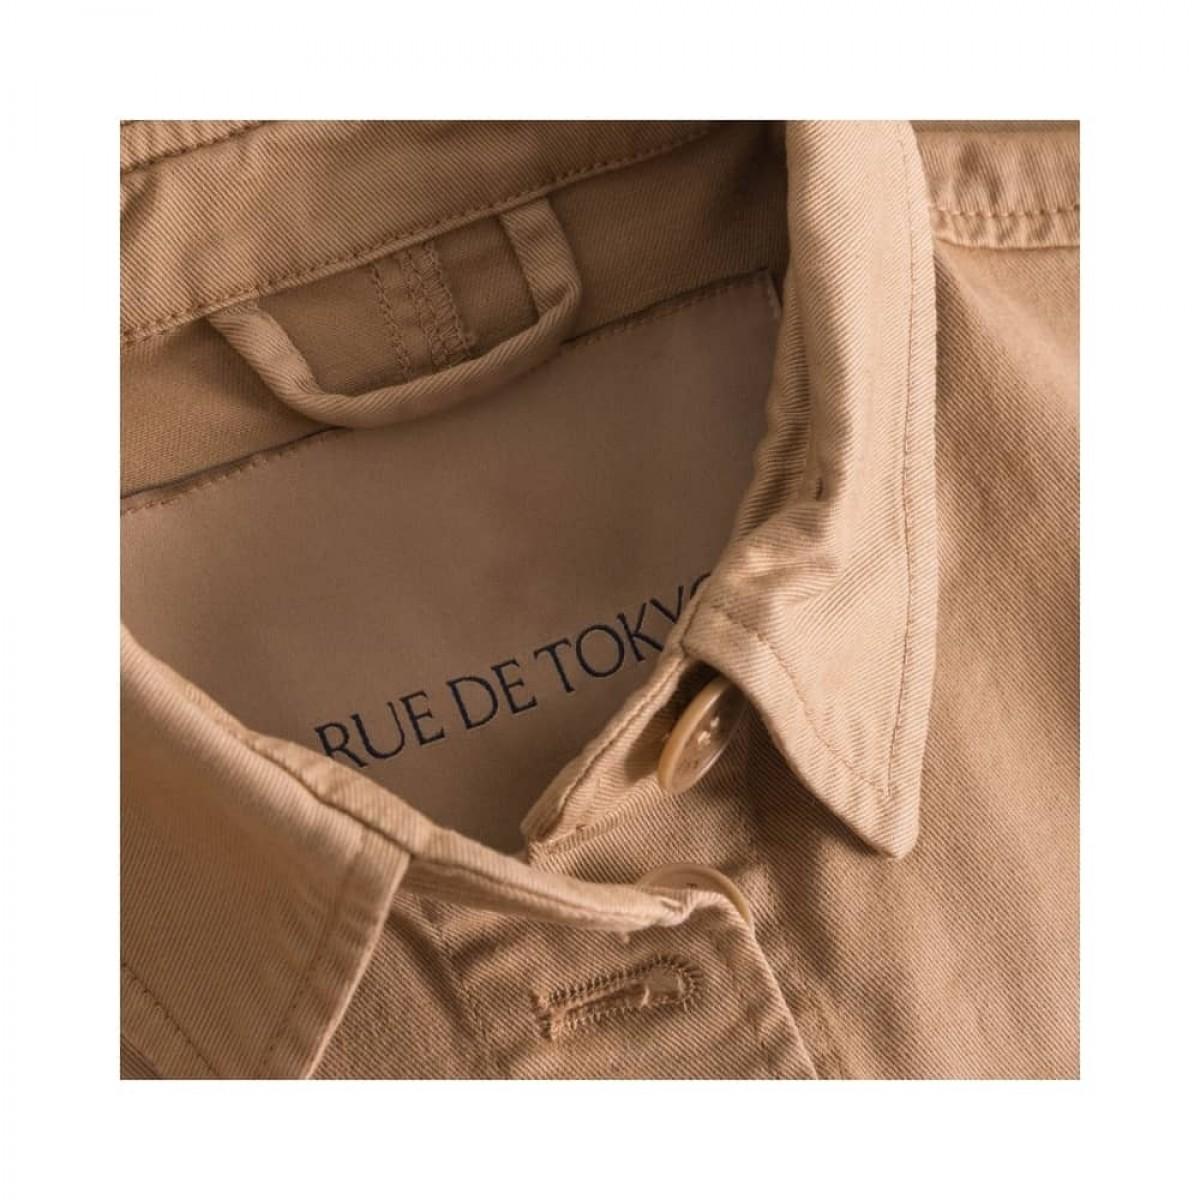 cady workwear jakke - light brown - krave detalje